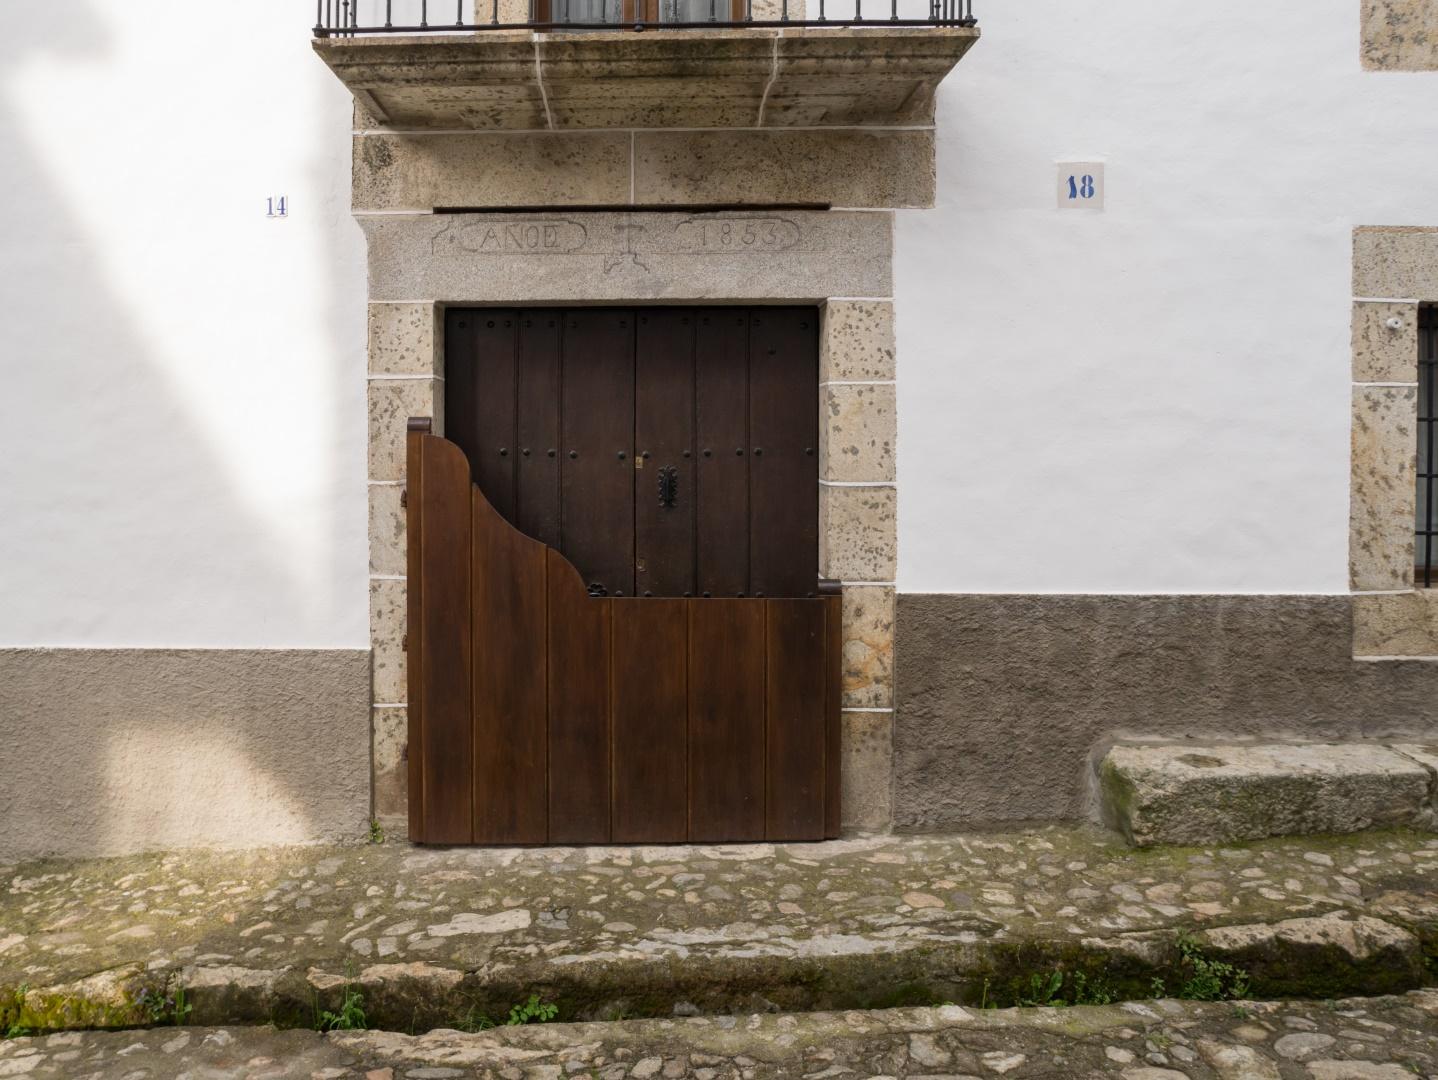 Batipuerta, Candelario